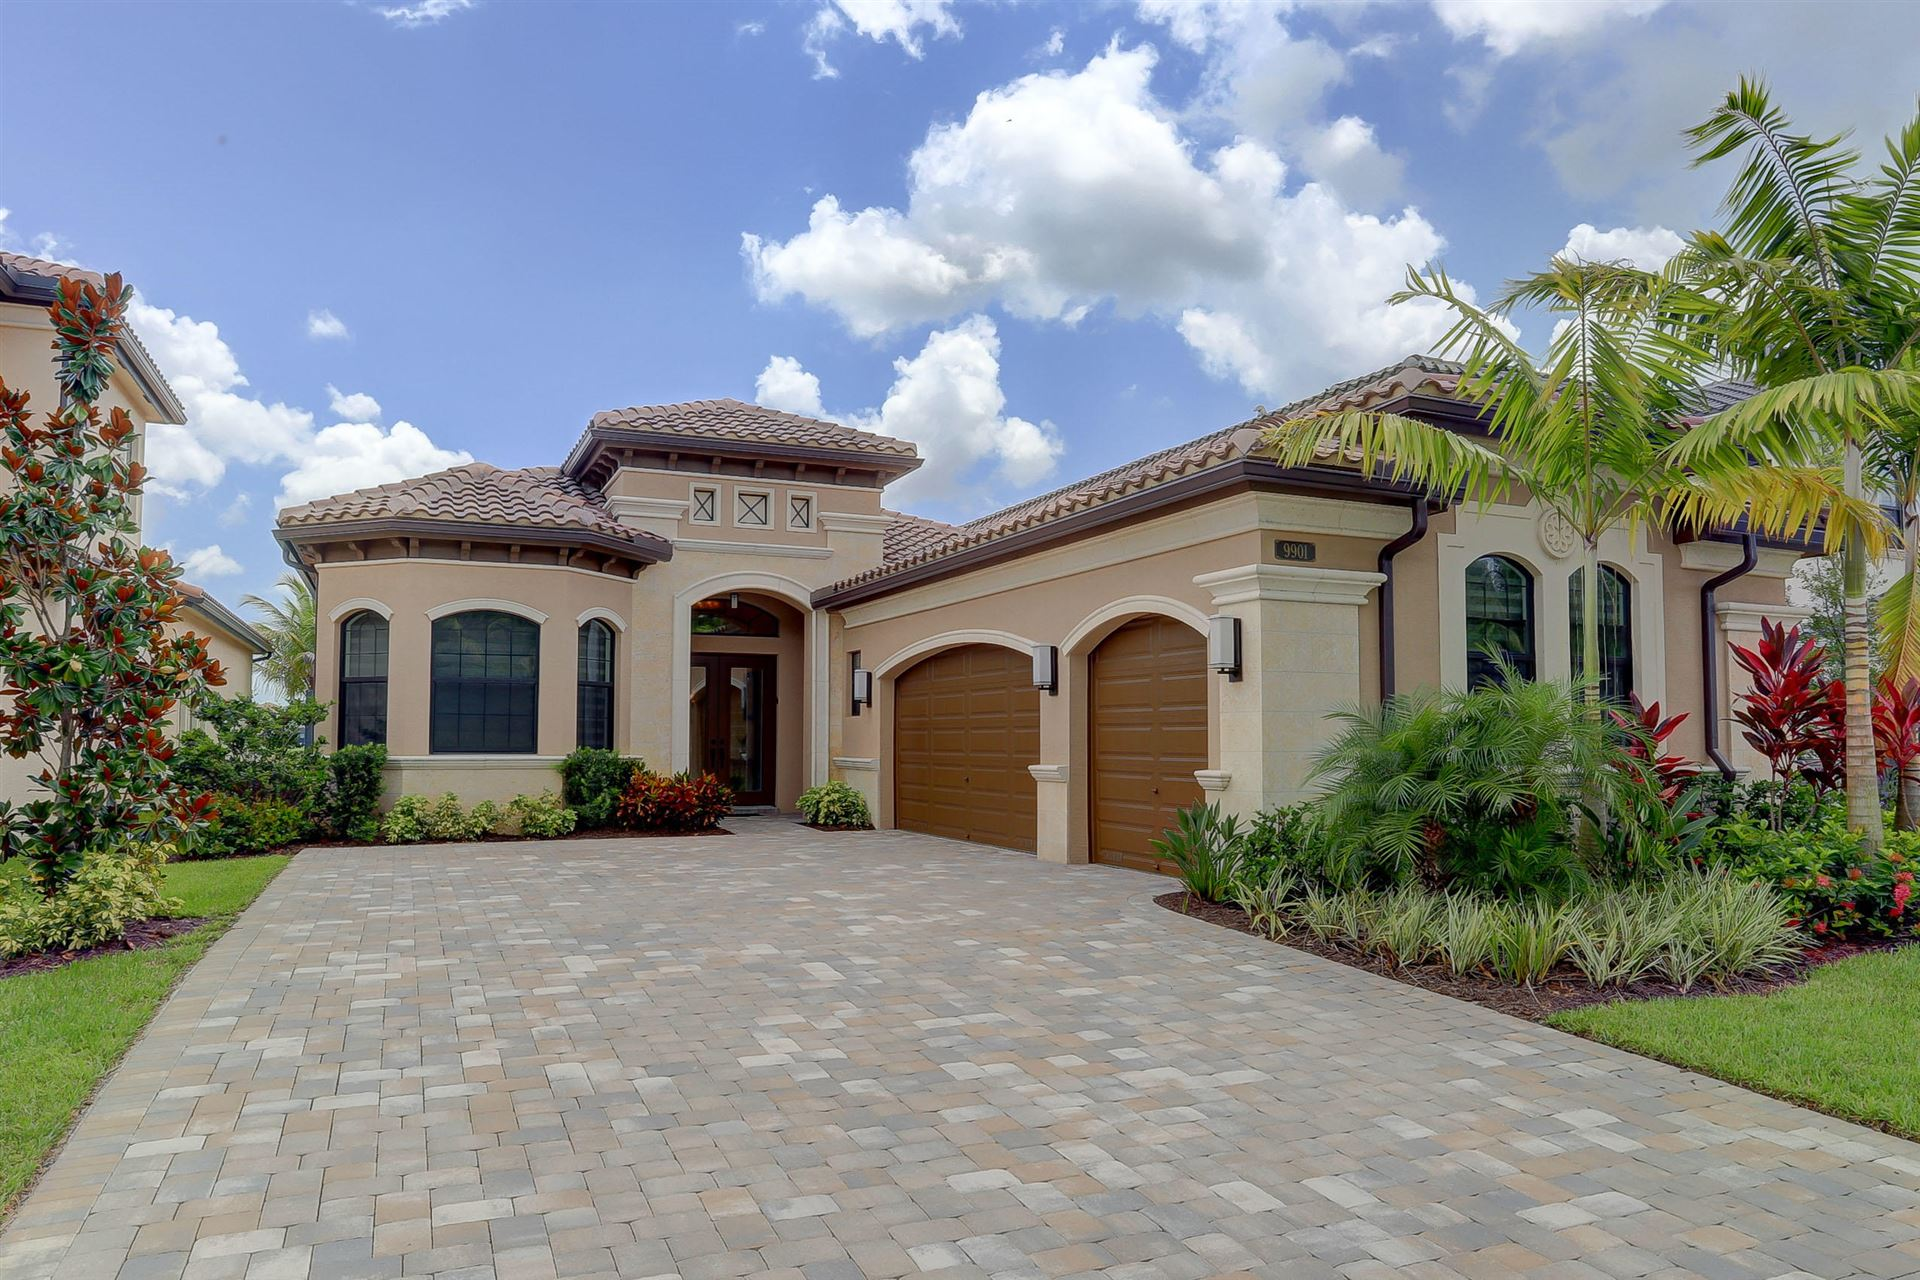 9901 Bozzano Drive, Delray Beach, FL 33446 - #: RX-10637276